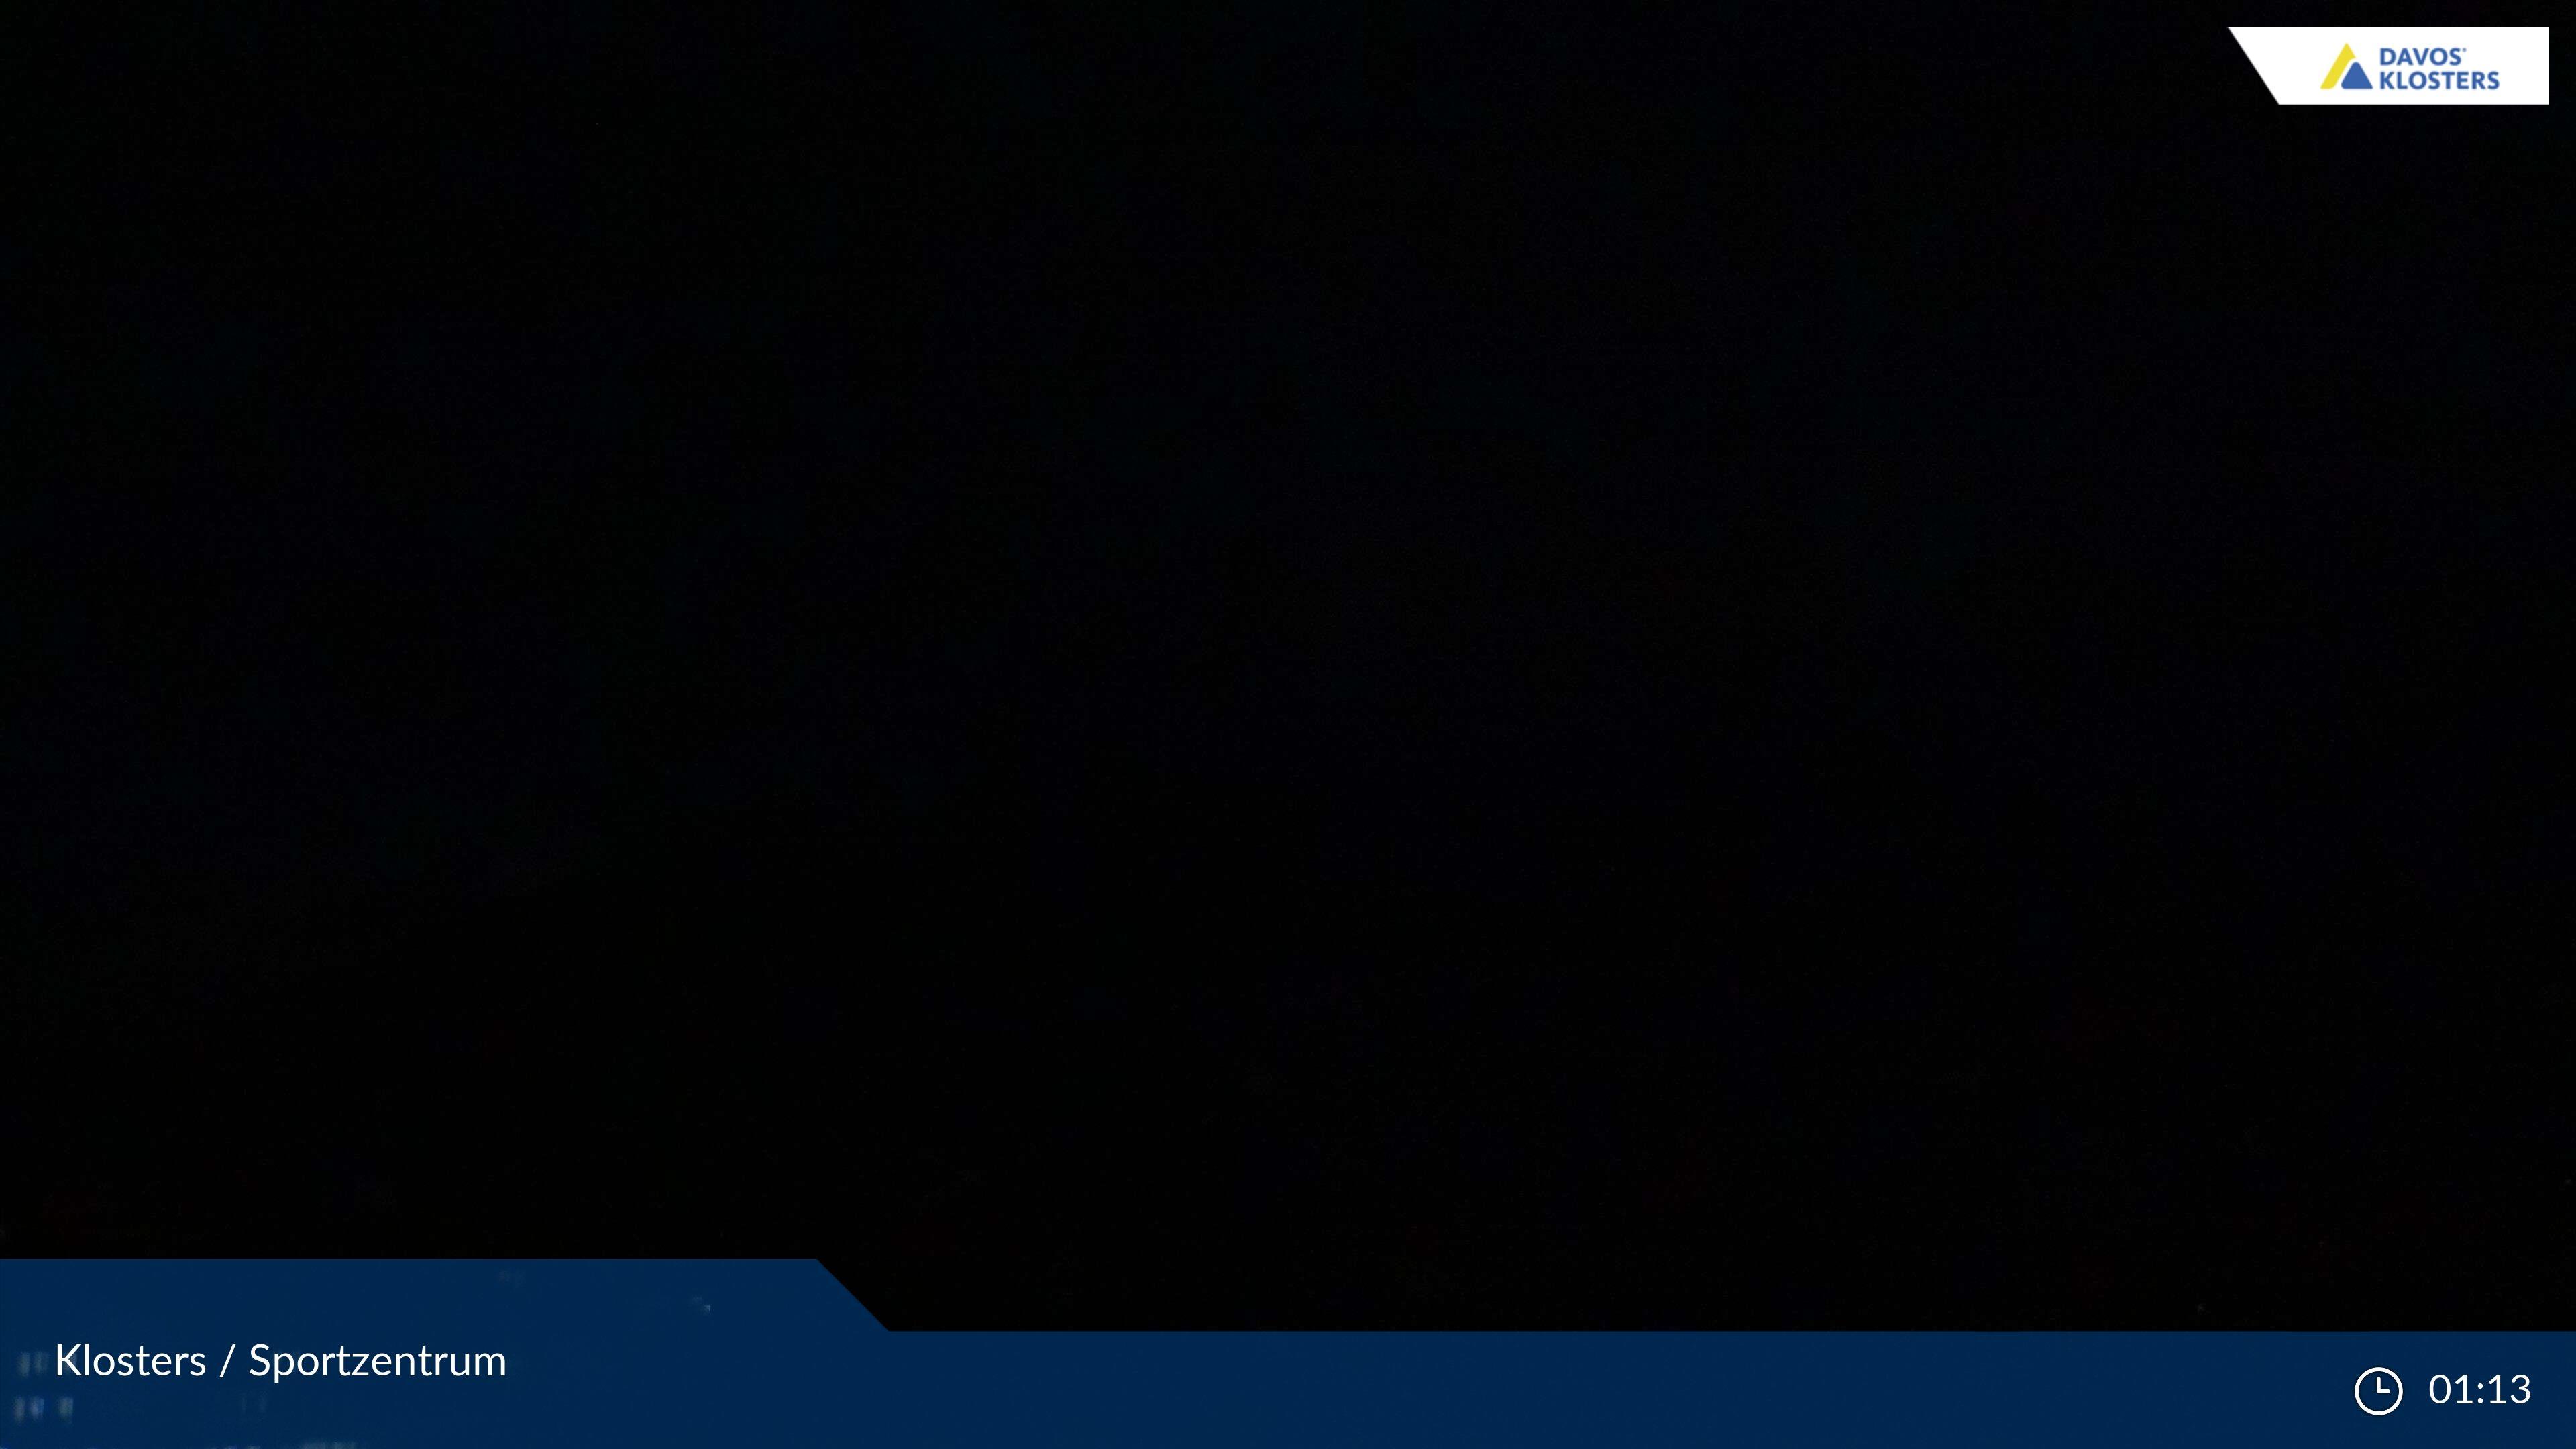 Klosters Dorf: Klosters - Sportzentrum Klosters, POI